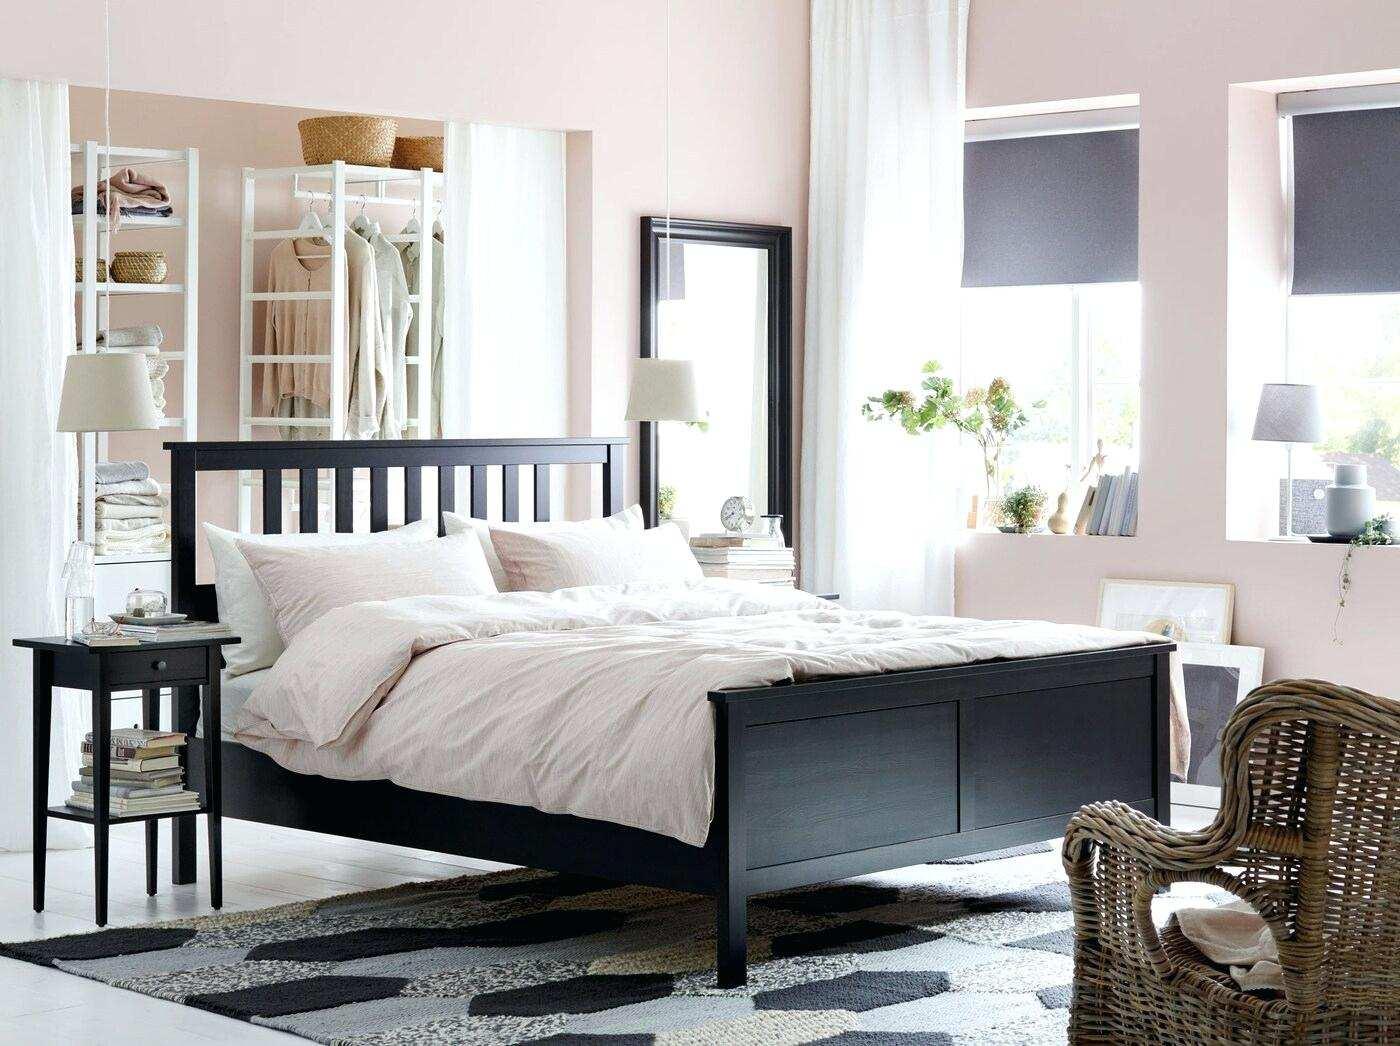 Full Size of Schlafzimmer Komplett Ikea Schn Ideen Lampen Deckenleuchte Modern Luxus Truhe Set Wandlampe Nolte Komplettangebote Massivholz Küche Kosten Günstige Wohnzimmer Ikea Schlafzimmer Ideen